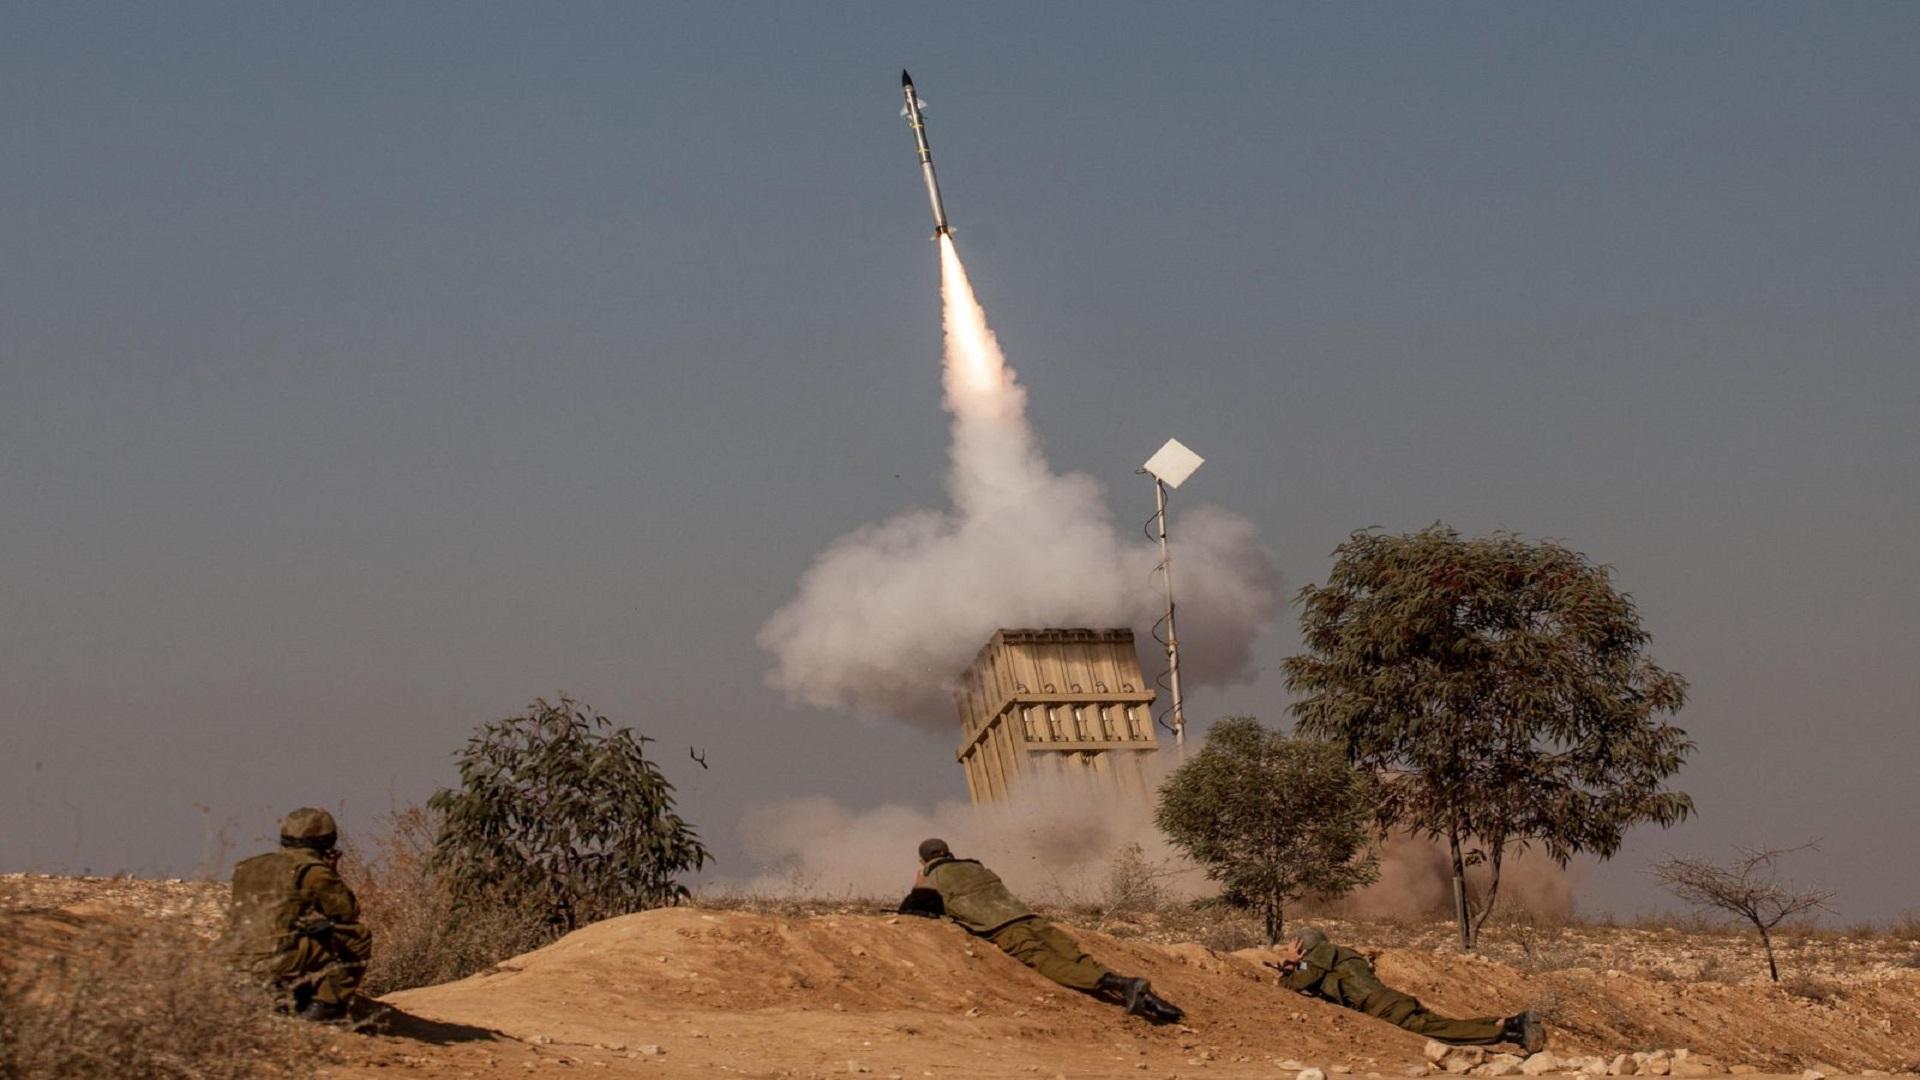 """جيش العدو الإسرائيلي  يستهدف طائرة """"إسرائيلية"""" ويفتح النيران عليها معتقداً أنها سورية!"""